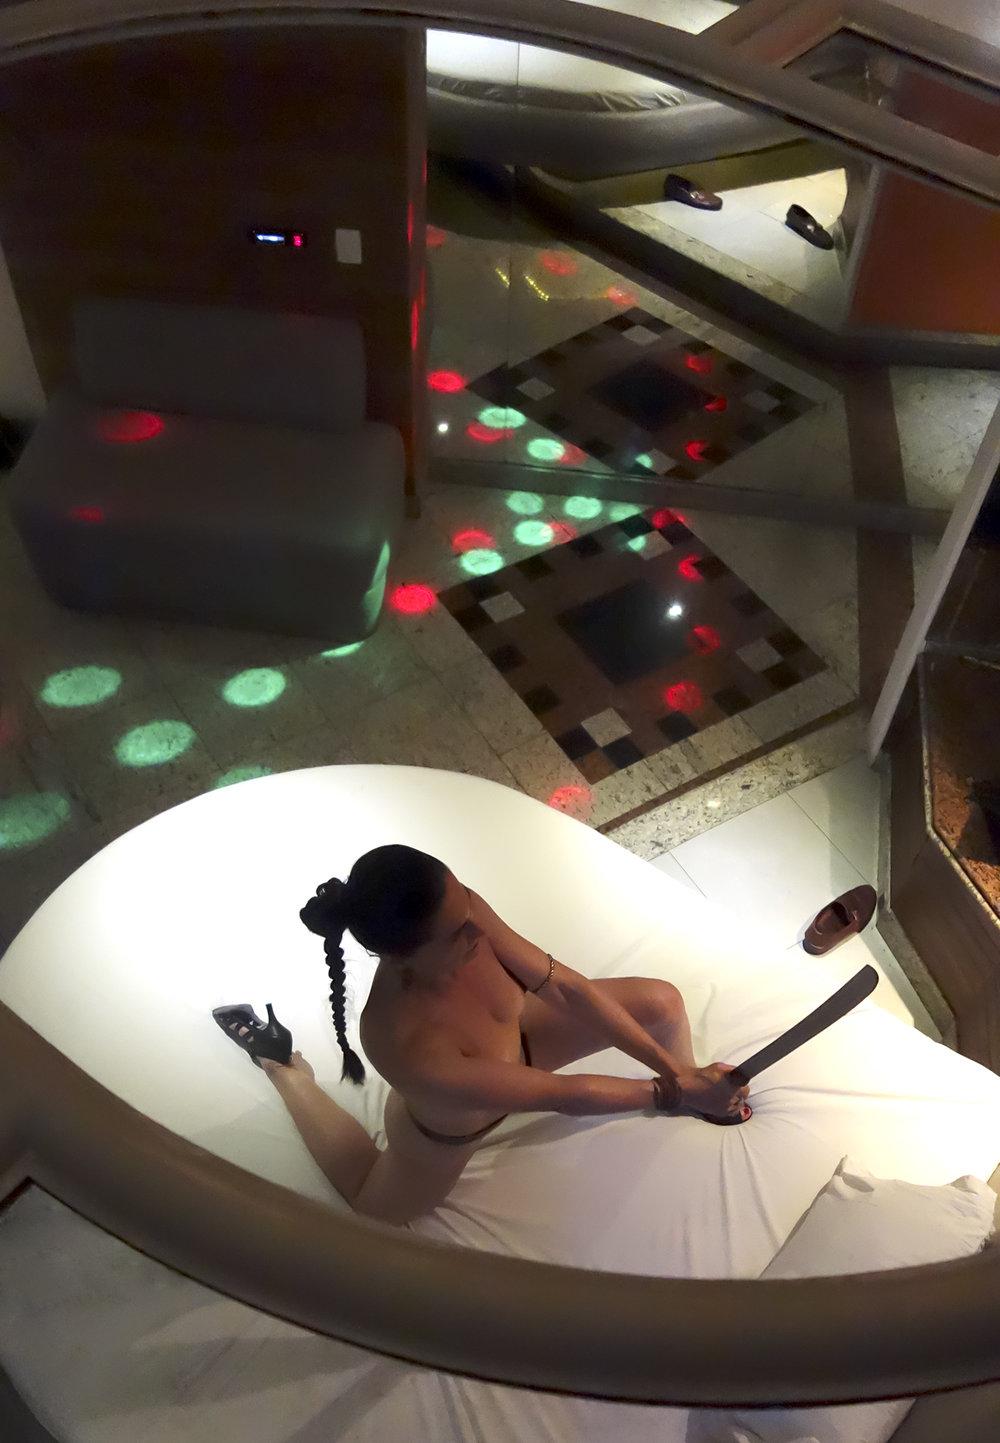 As fotografias registraram performances da artista em motéis sobre estereótipos do feminino